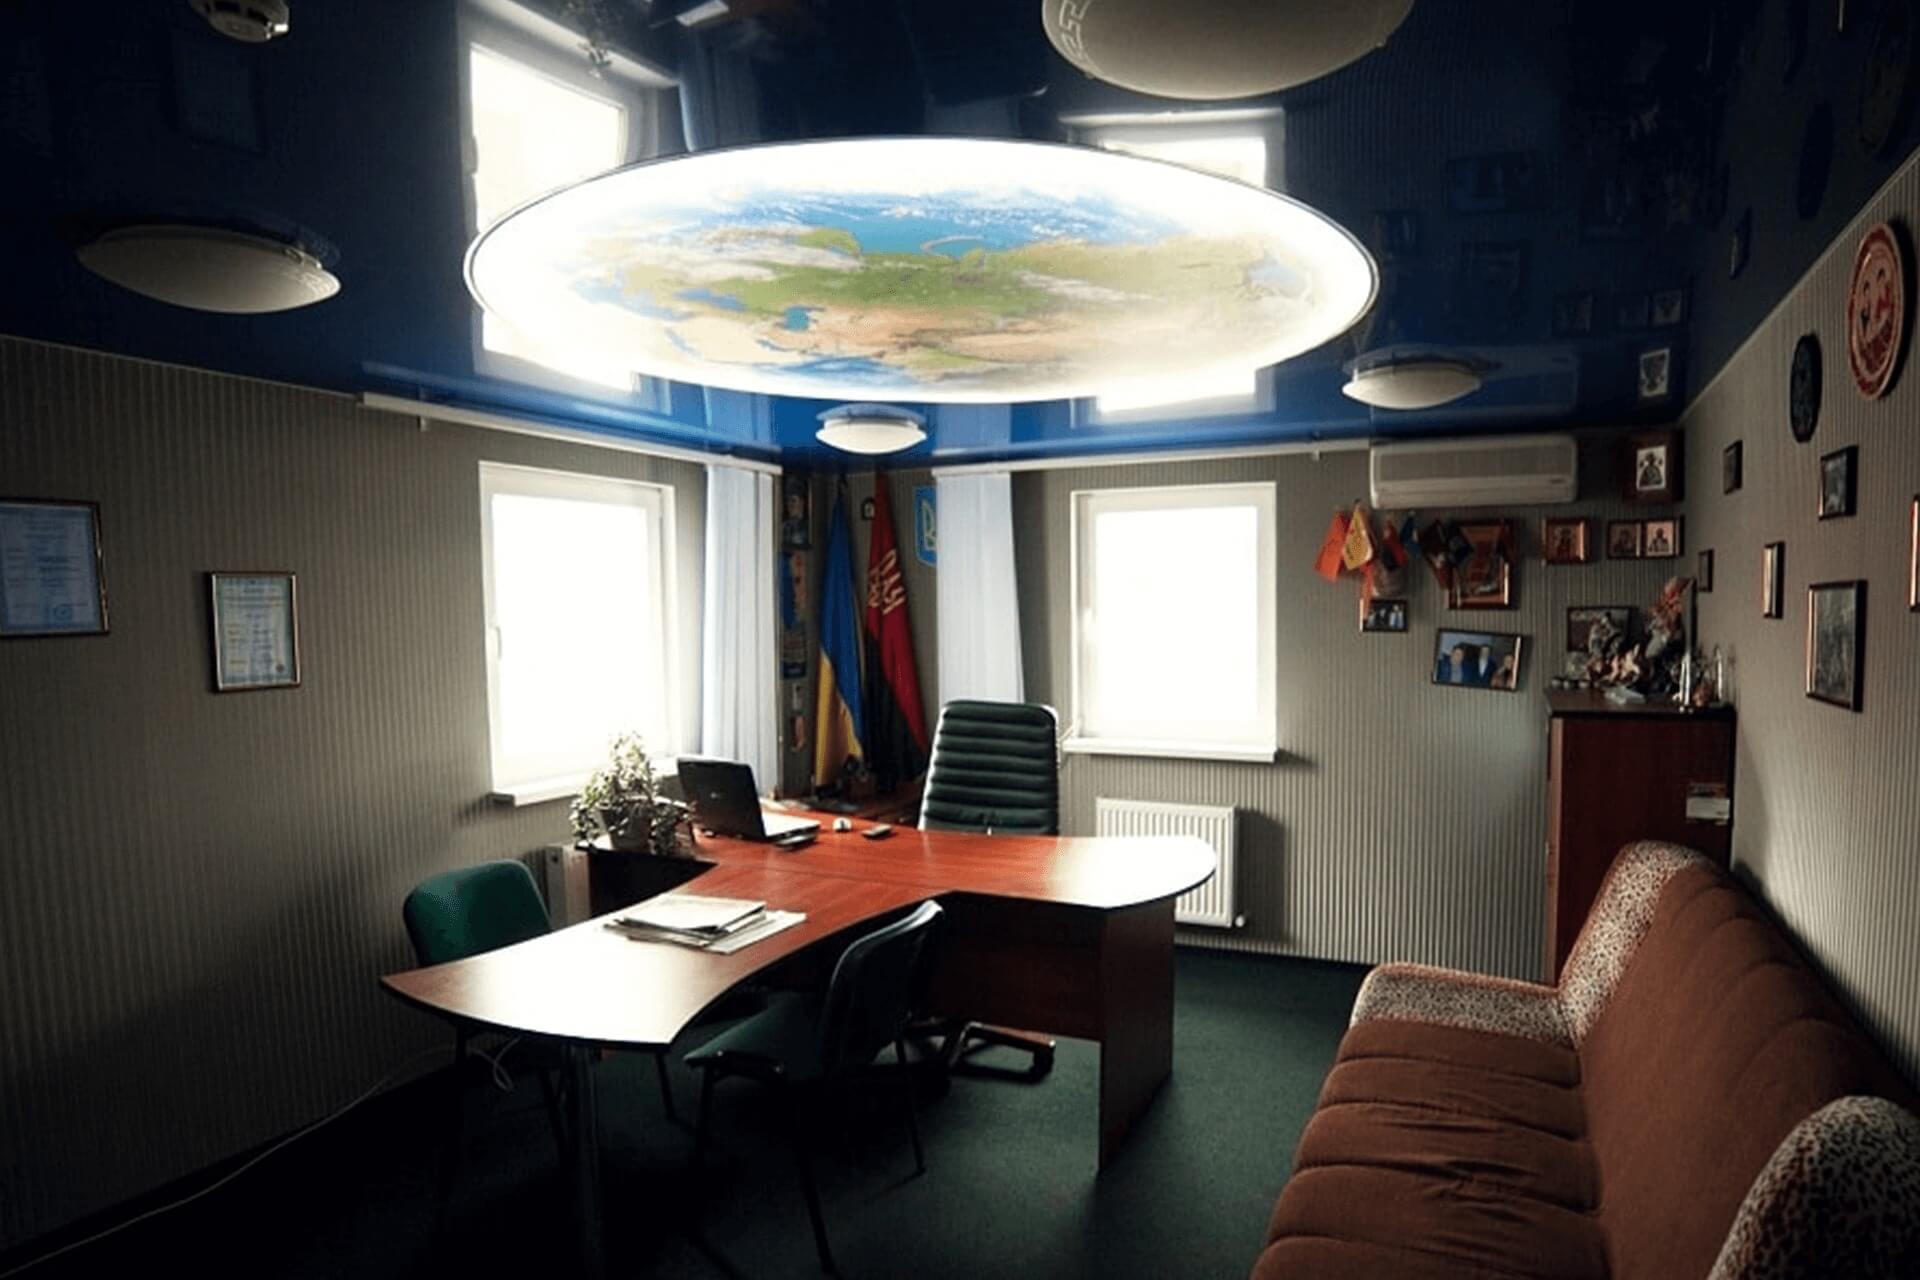 Фотопечать земля на натяжном потолке в офисе